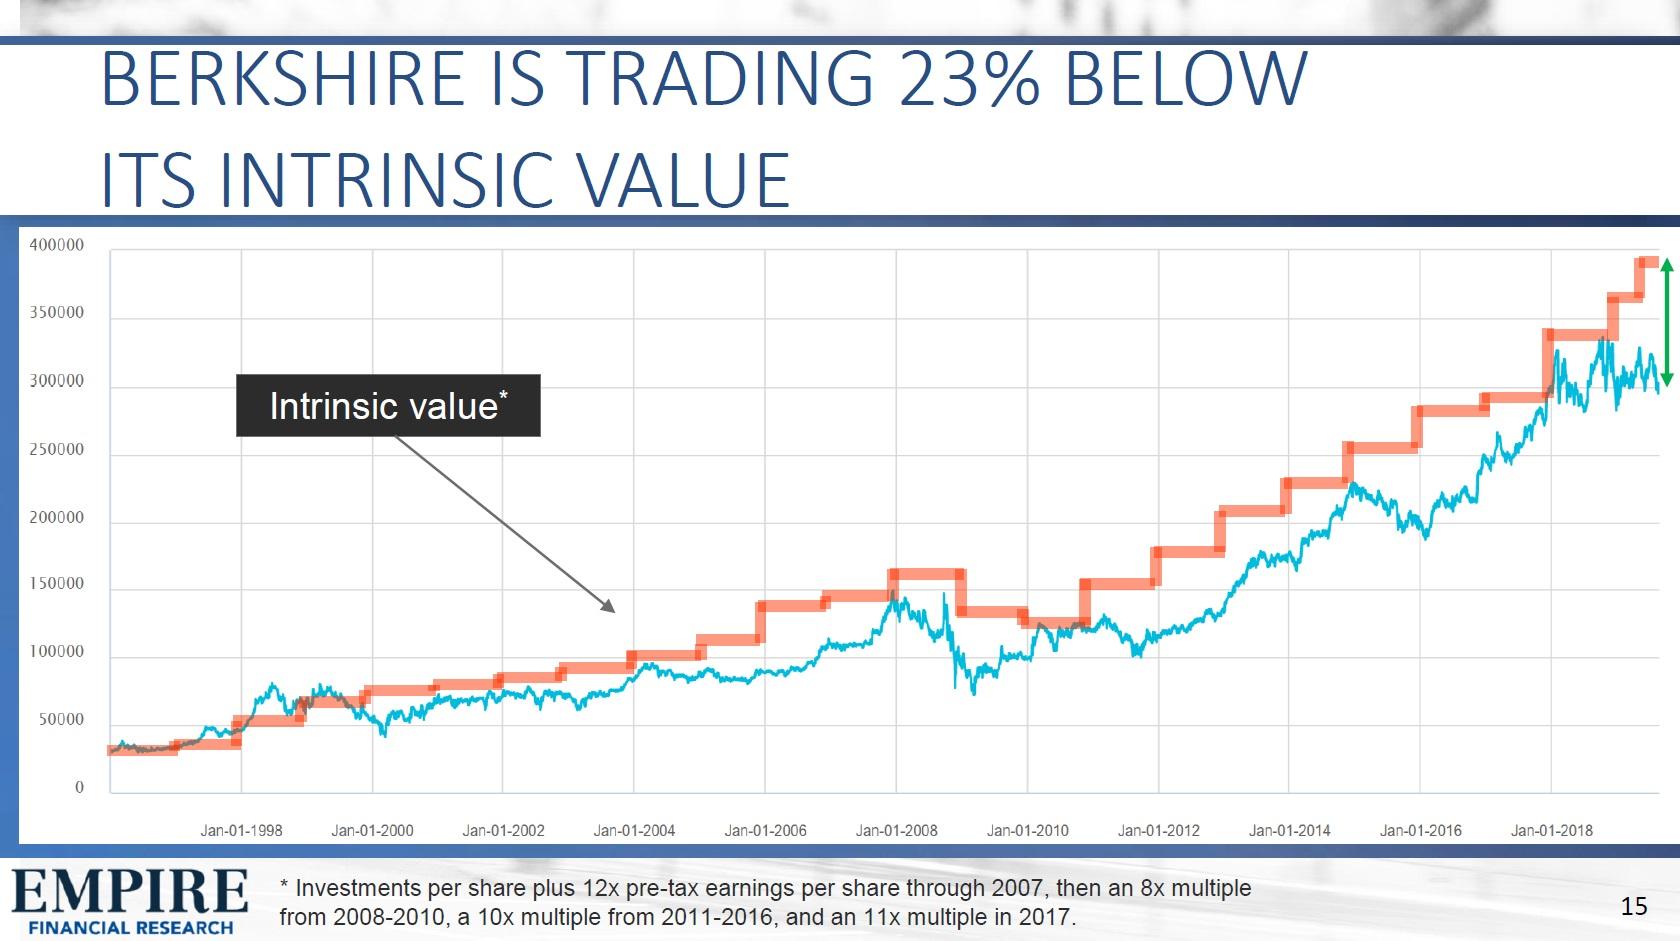 Odhad vnitrni hodnoty Berkshire Hathaway